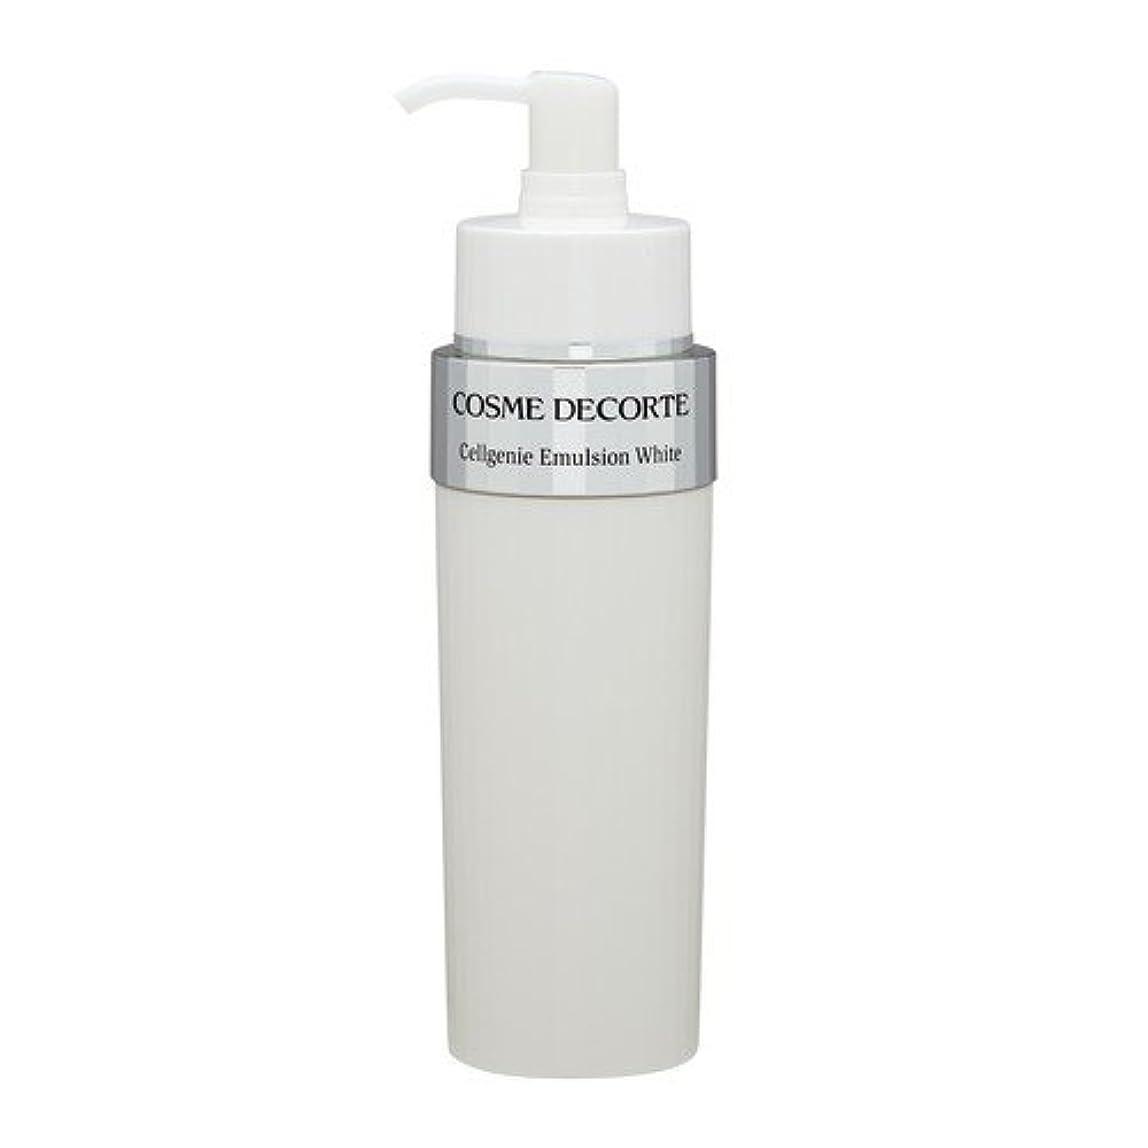 教える乳白みCOSME DECORTE コーセー/KOSE セルジェニーエマルジョンホワイト 200ml [362893] [並行輸入品]